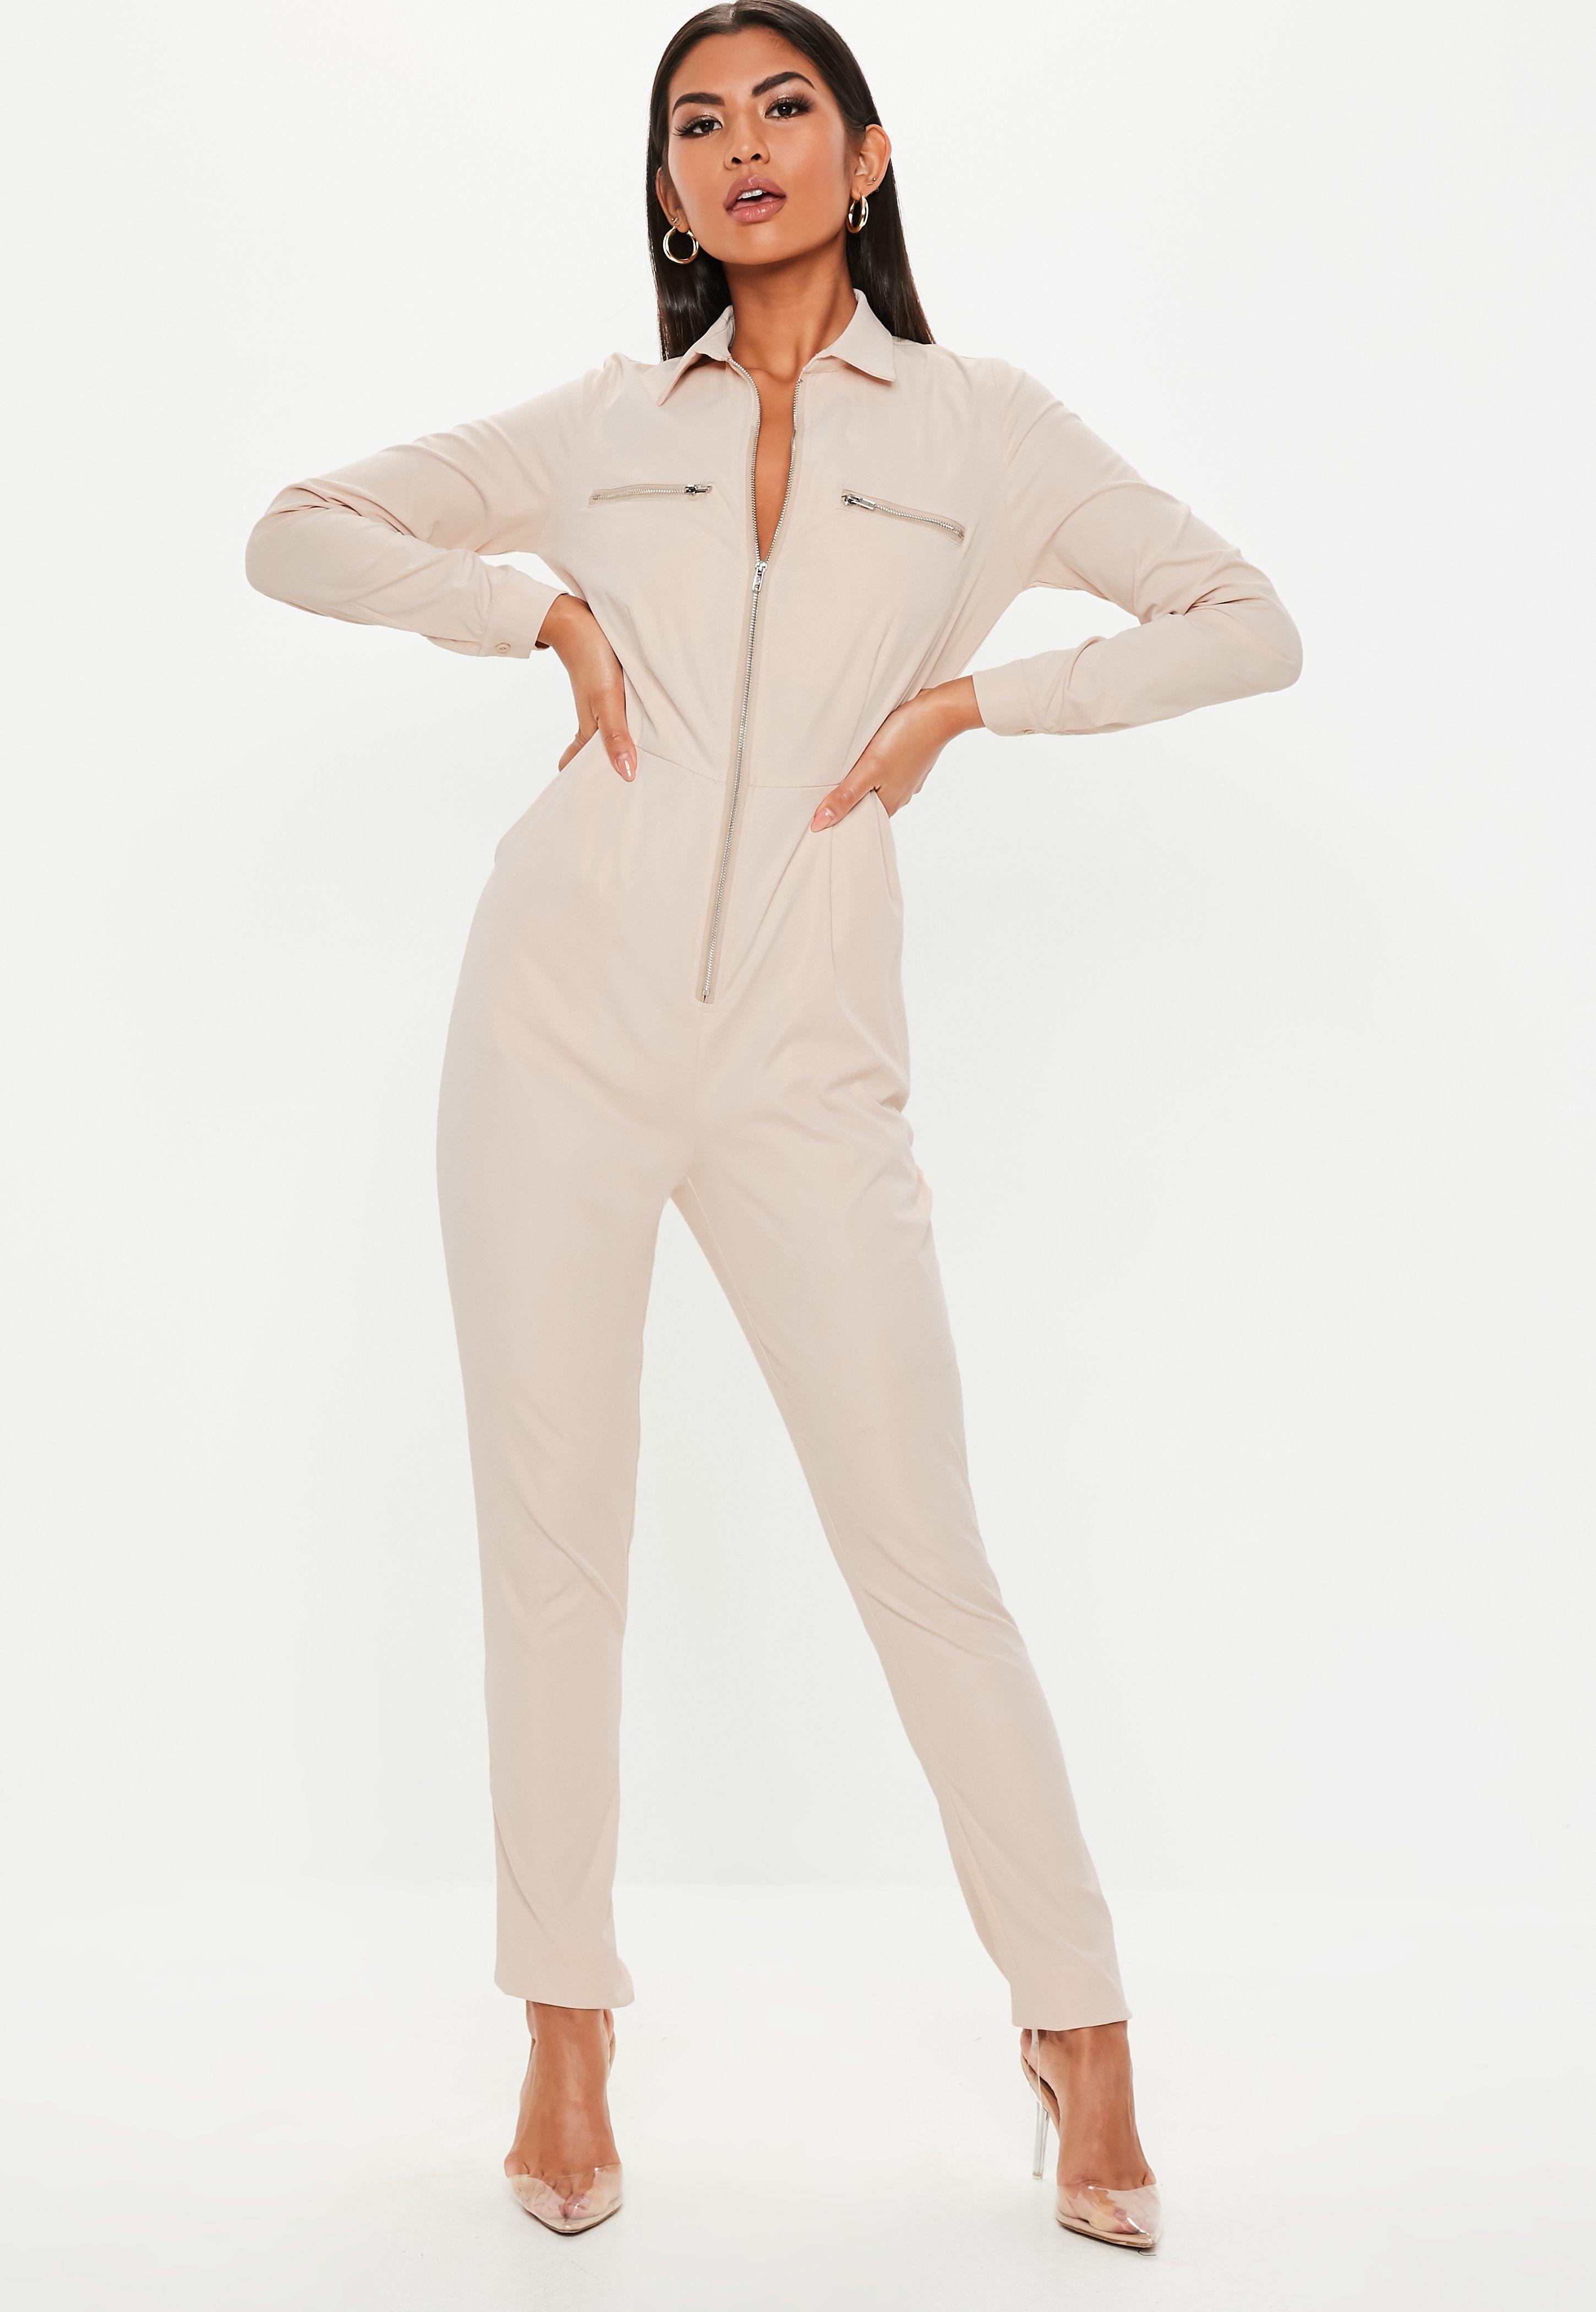 248c76e230c0 Sand Zip Long Sleeve Utility Jumpsuit